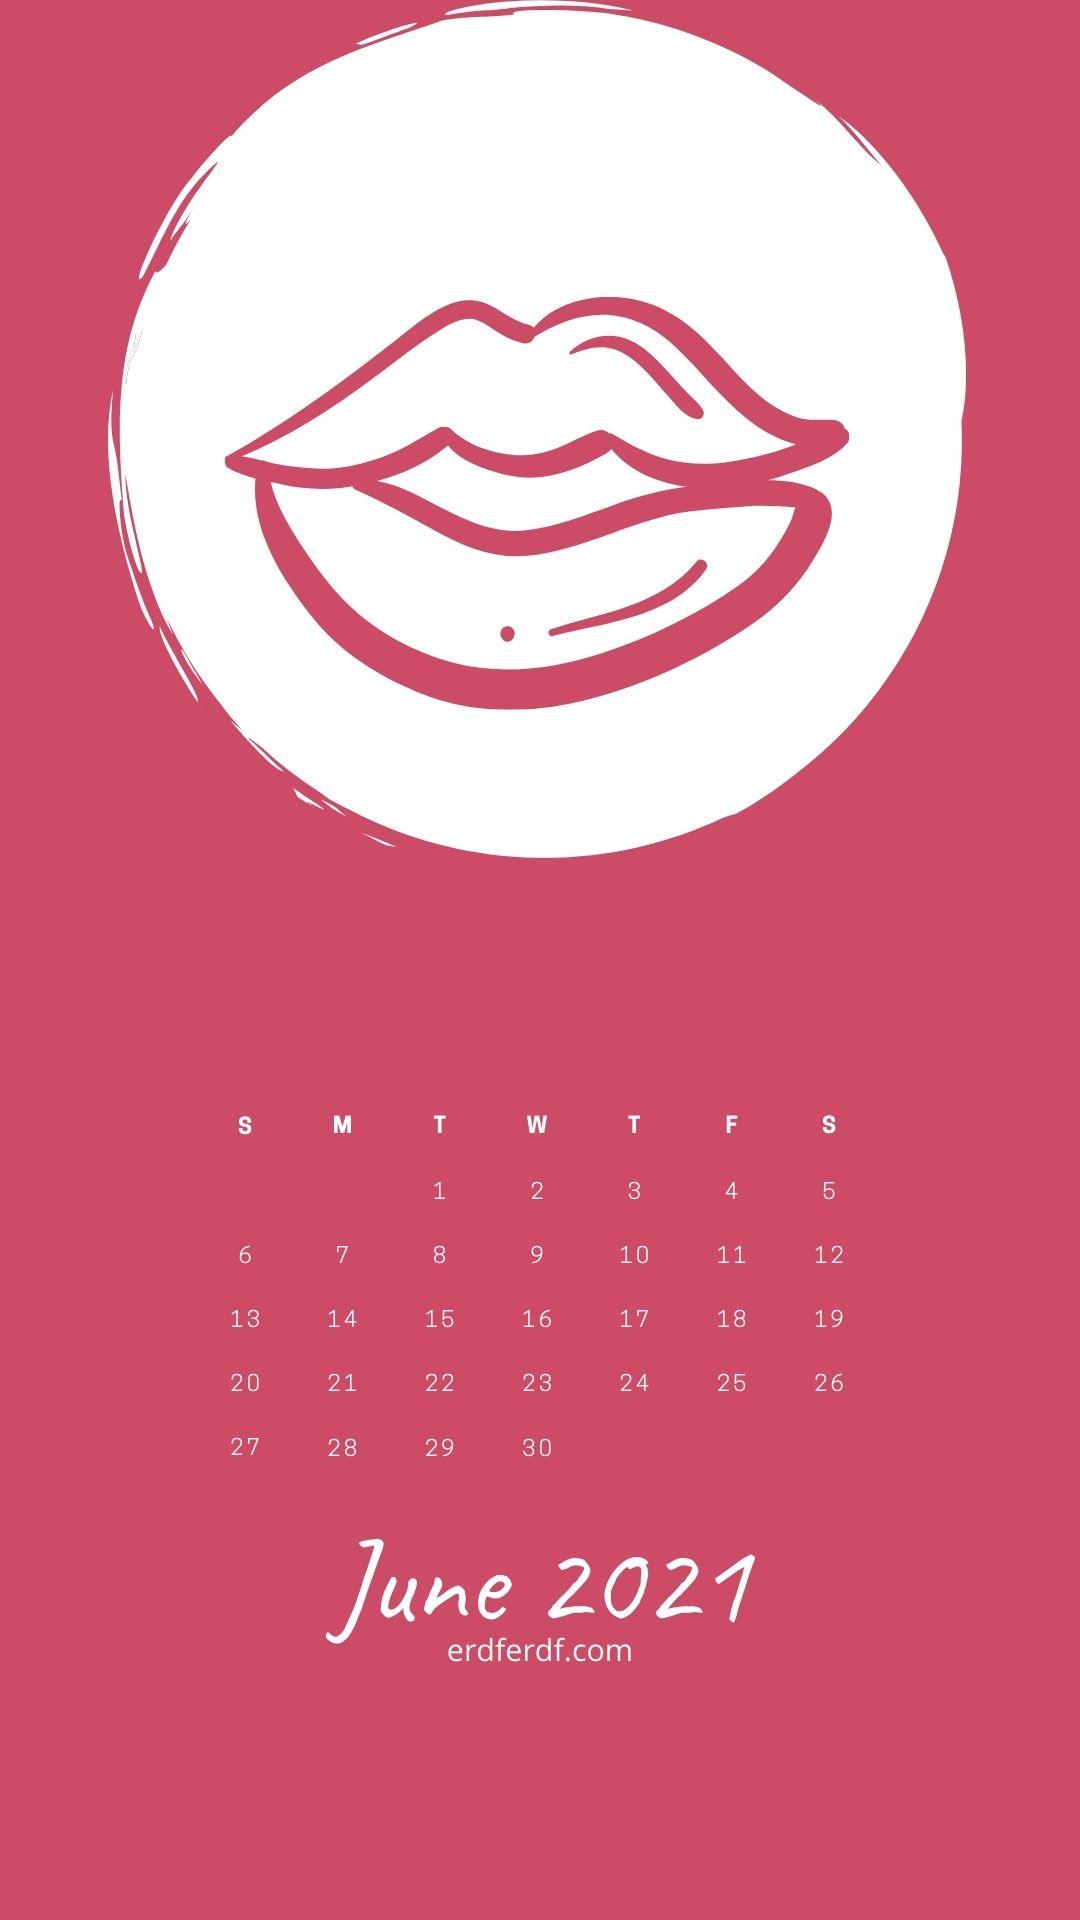 5 June 2021 Callendar Wallpaper Iphone